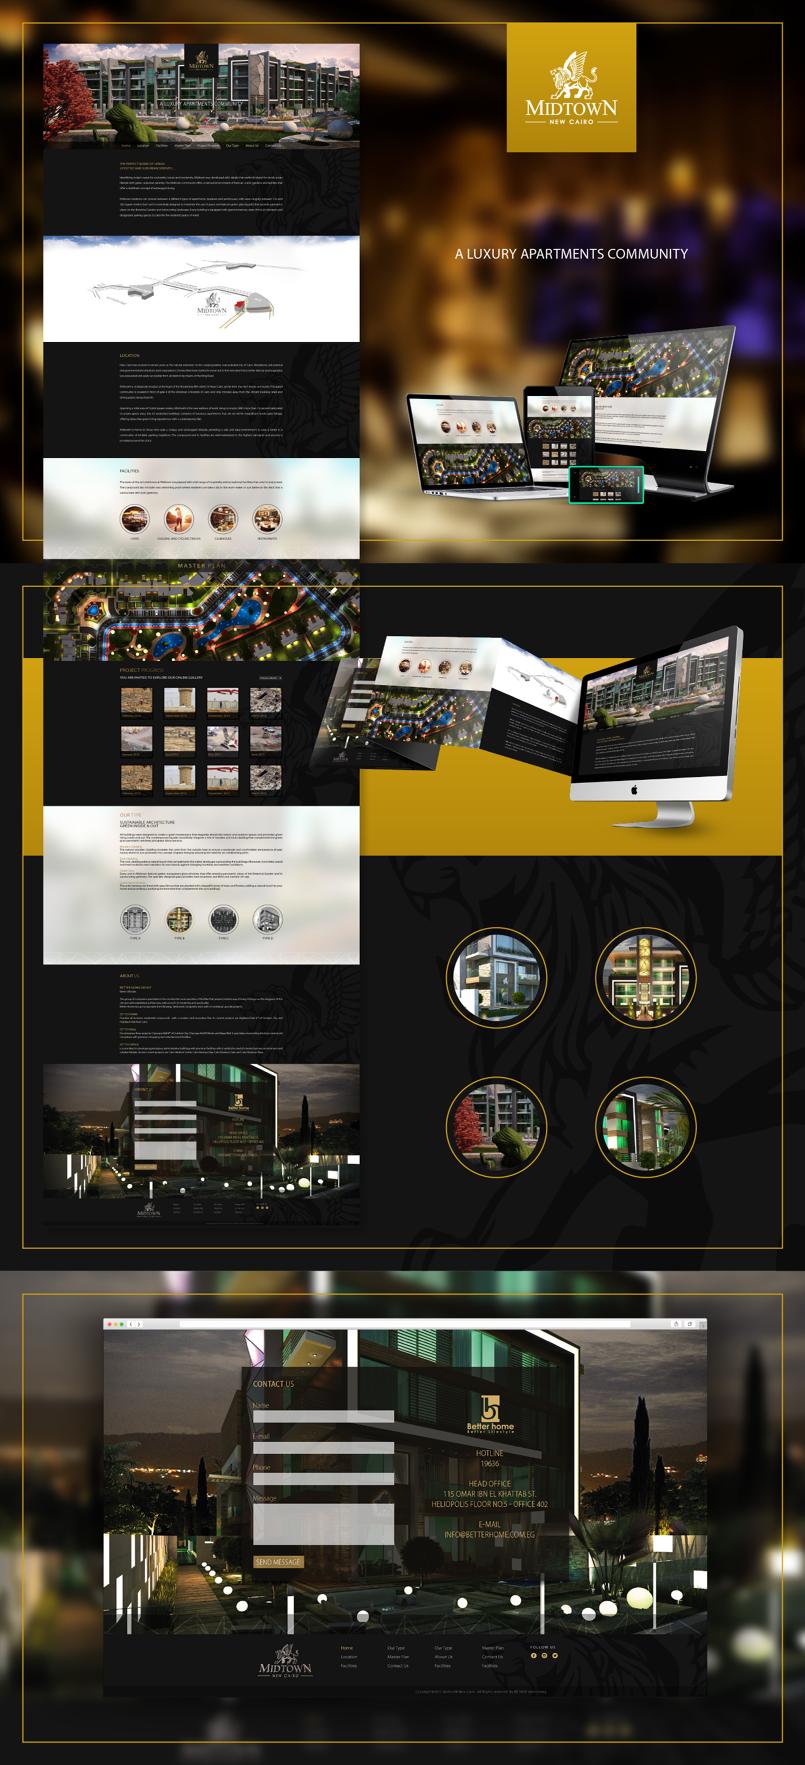 MidtowN Website